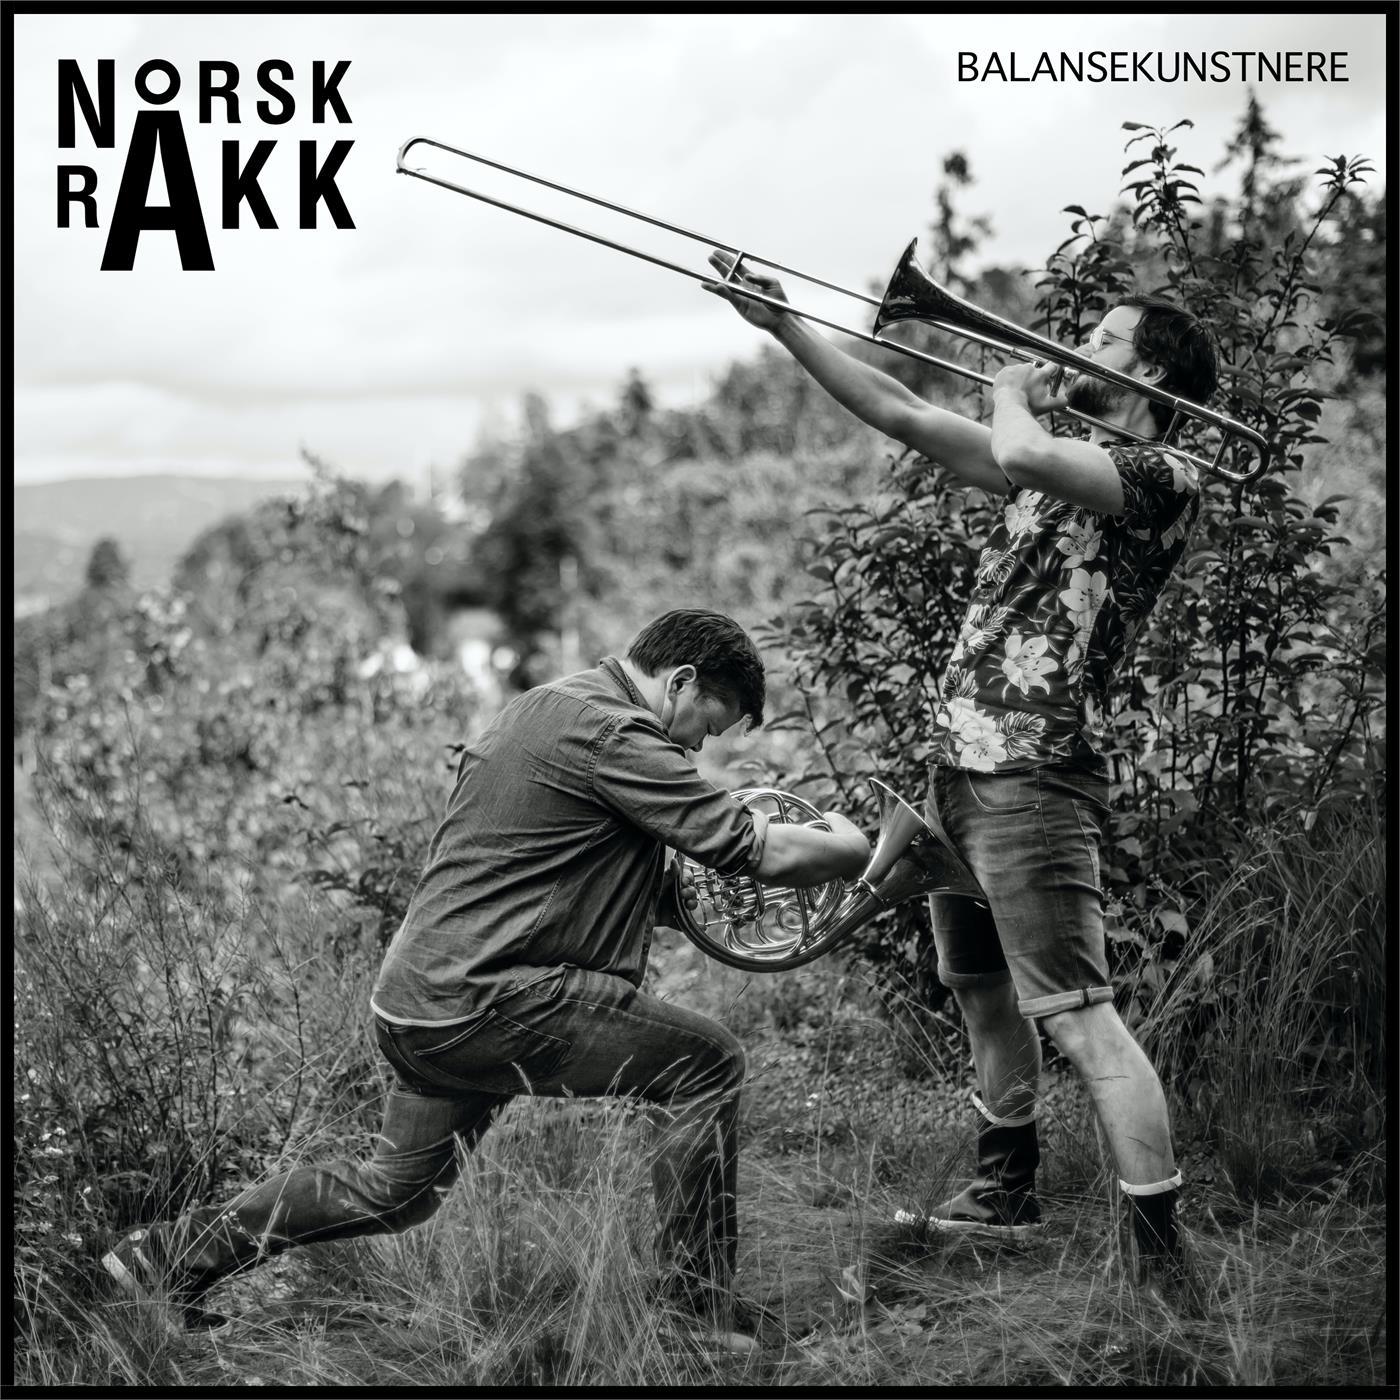 Norsk Råkk - Balansekunstnere [LP]